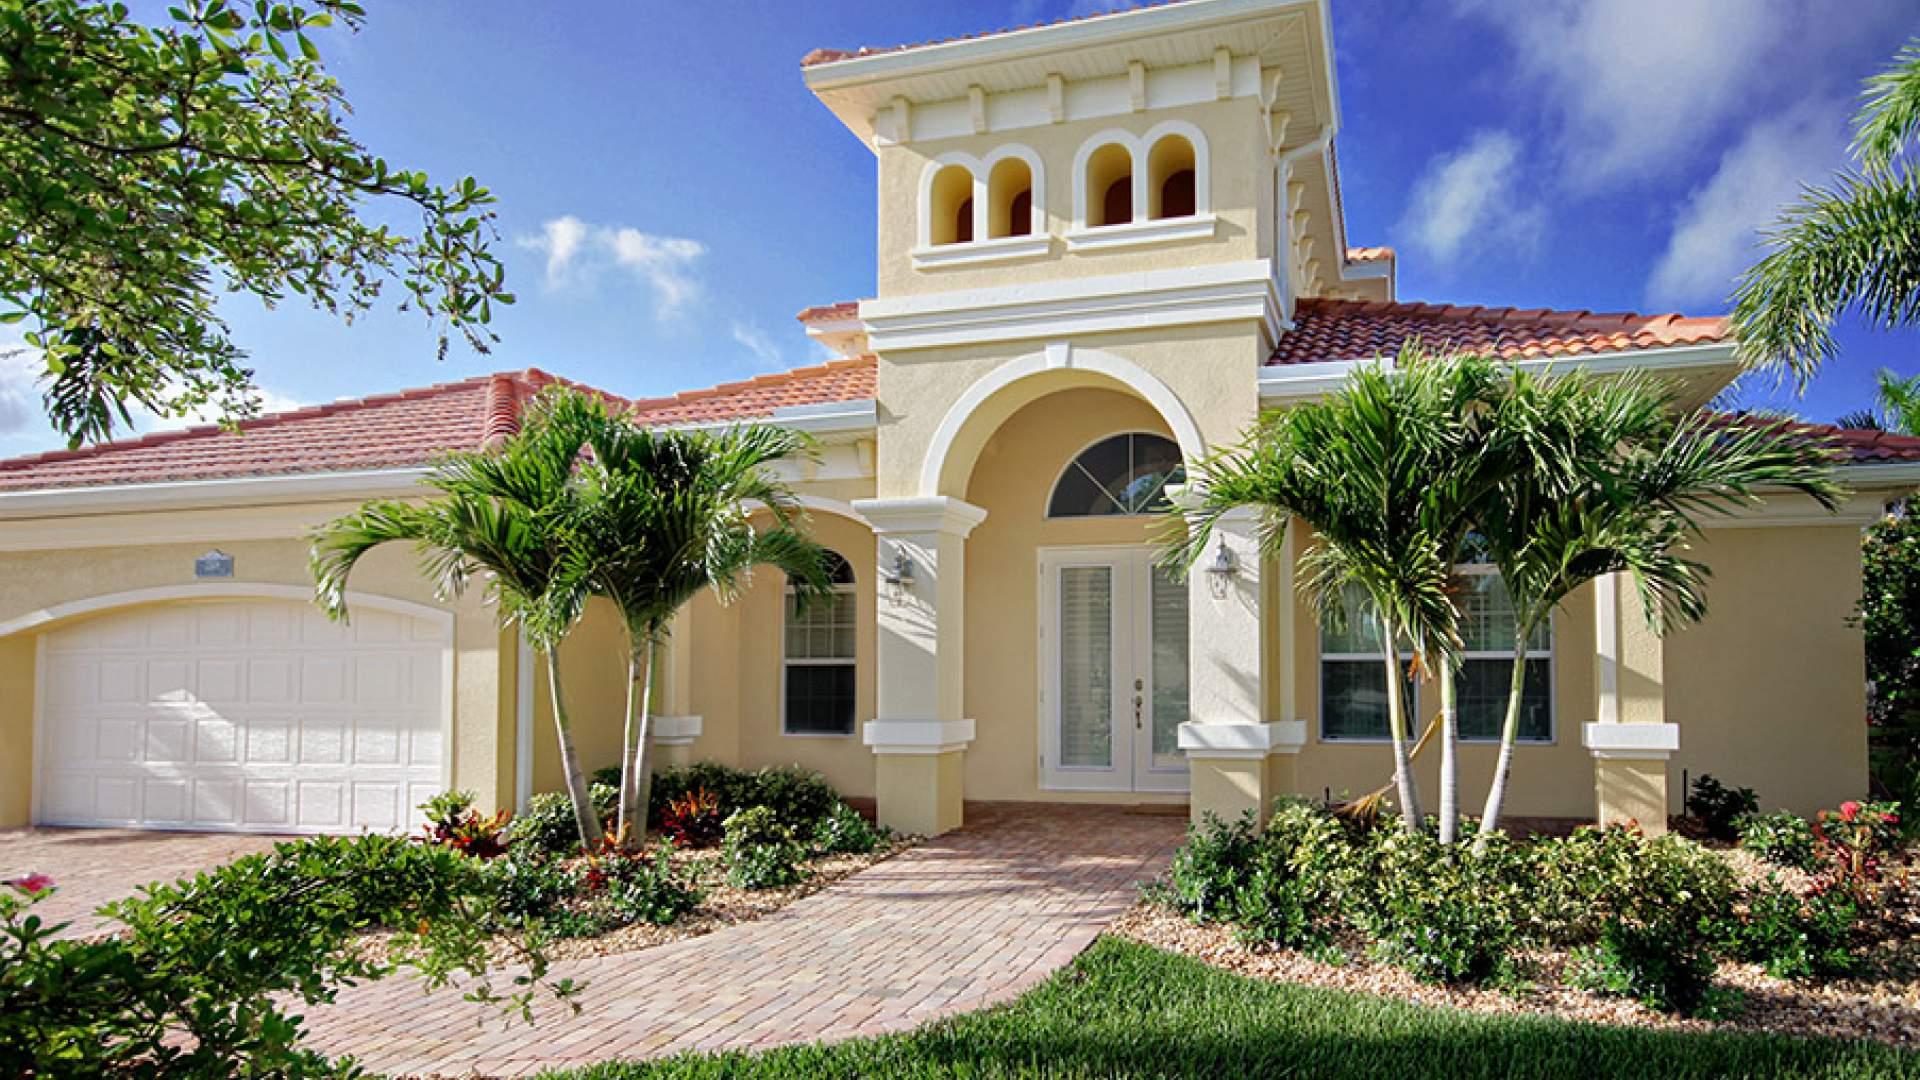 Ein Ferienhaus für höchste Ansprüche, in einer sehr schönen Nachbarschaft im Südwesten von Cape Coral gelegen